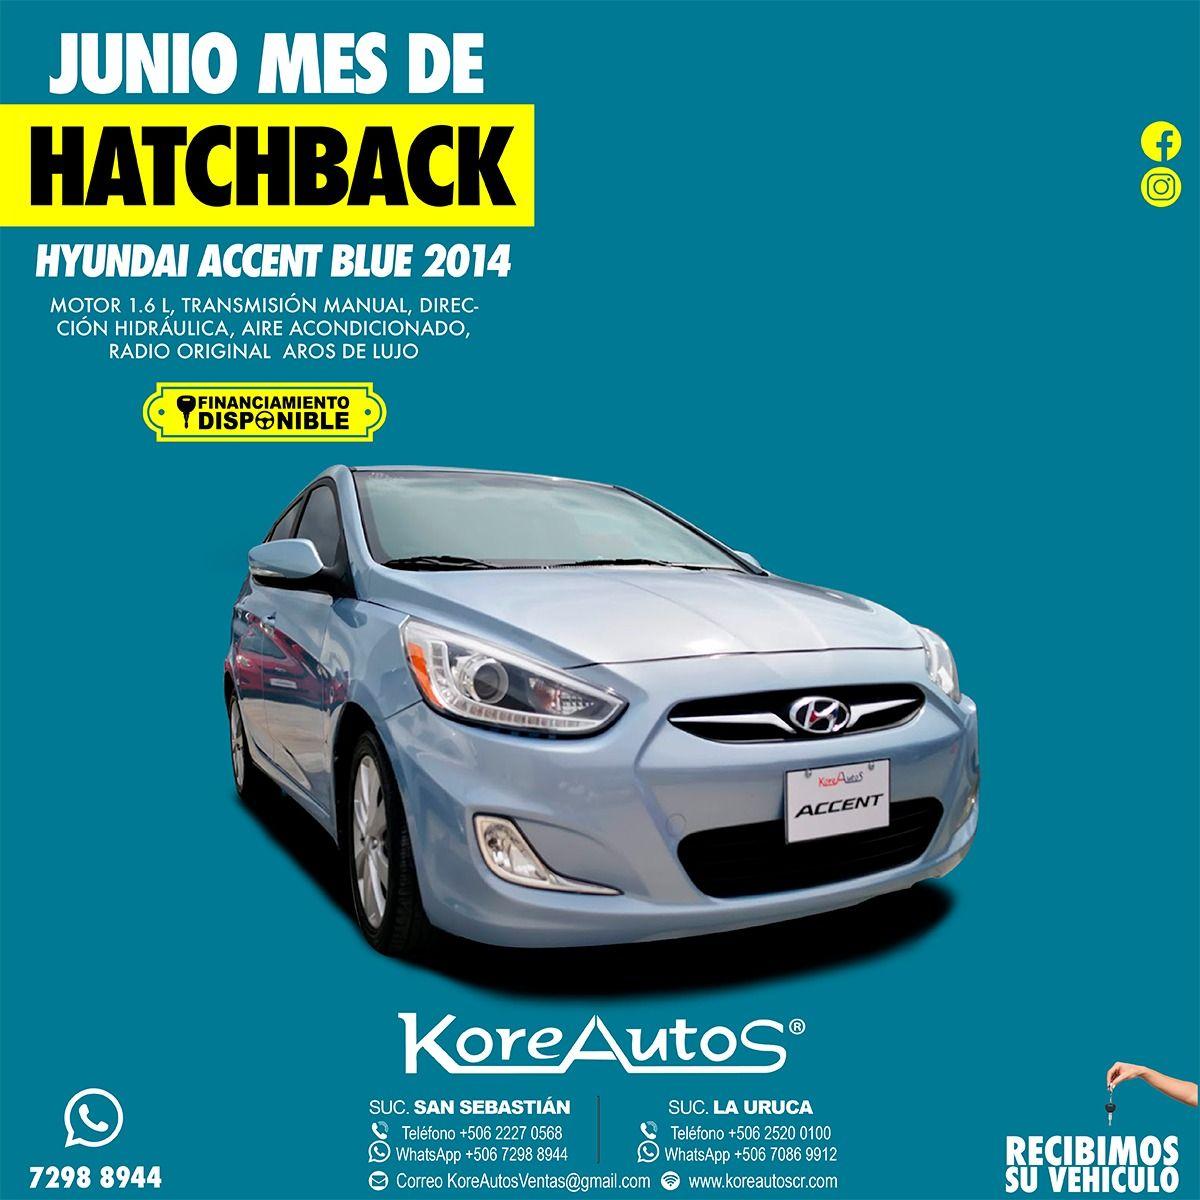 Hatchback Motor 1.6L Transmisión Manual Dirección